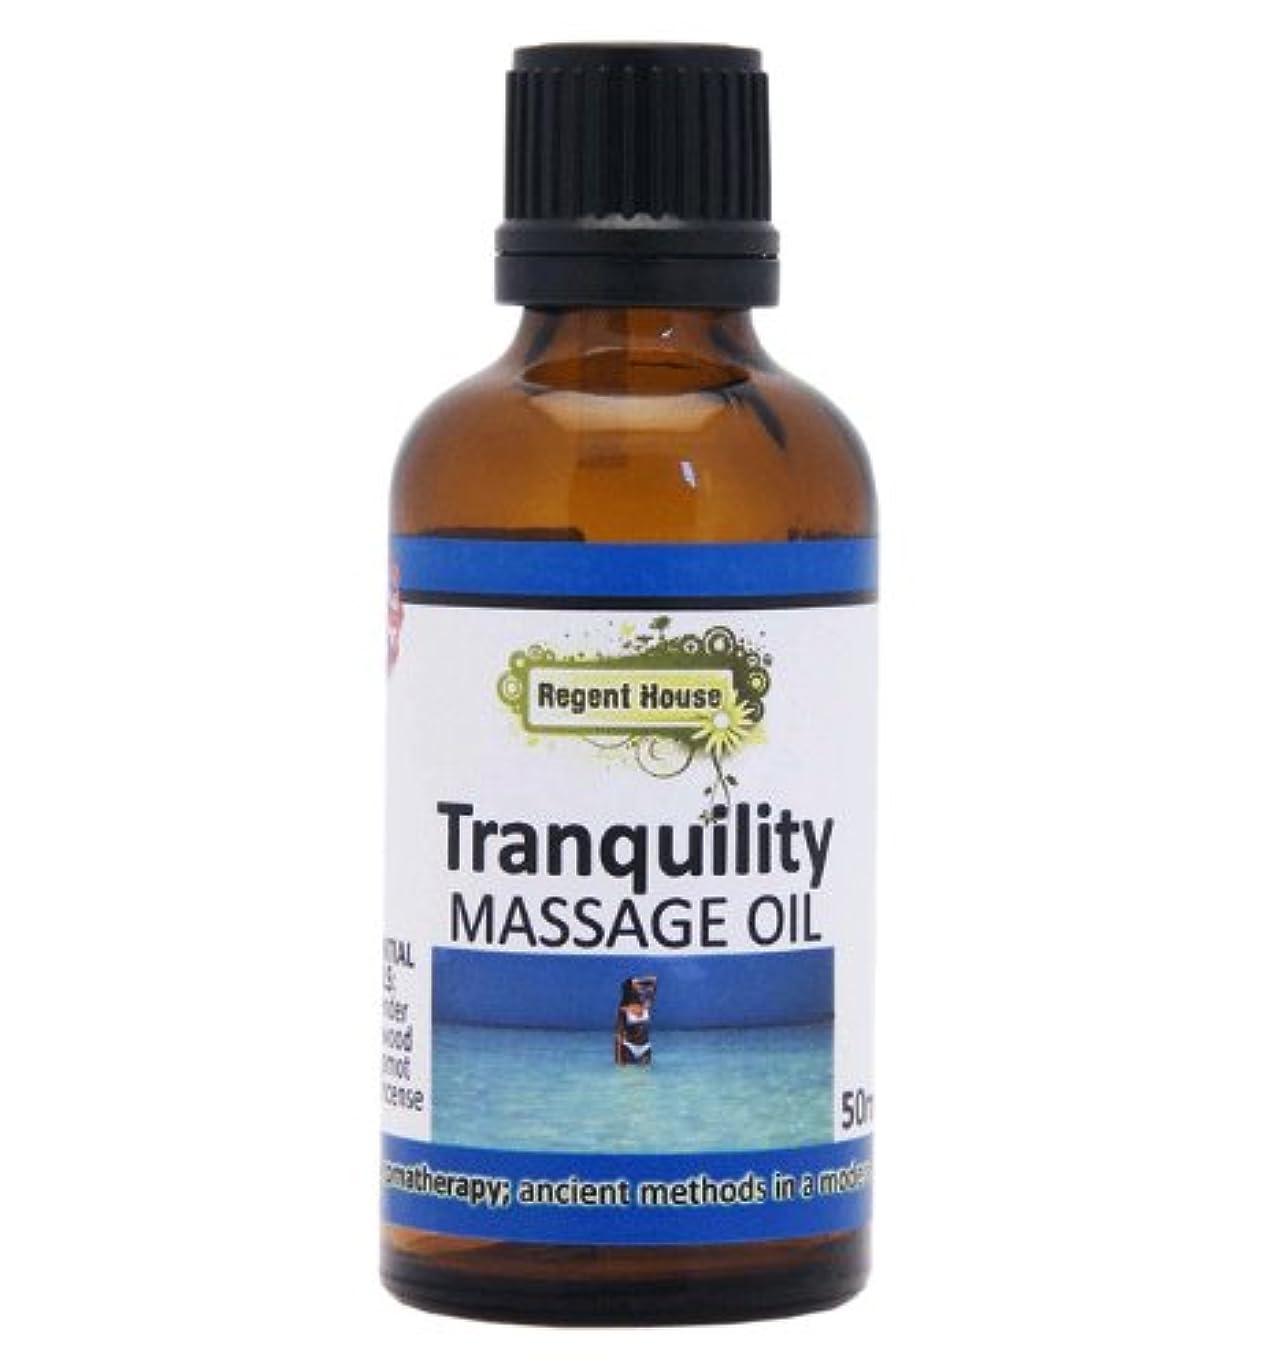 ハンマー効果的に元気貴重なローズウッドを、たっぷり配合しました。 アロマ ナチュラル マッサージオイル 50ml トランキュリティー(Aroma Massage Oil Tranqulity)